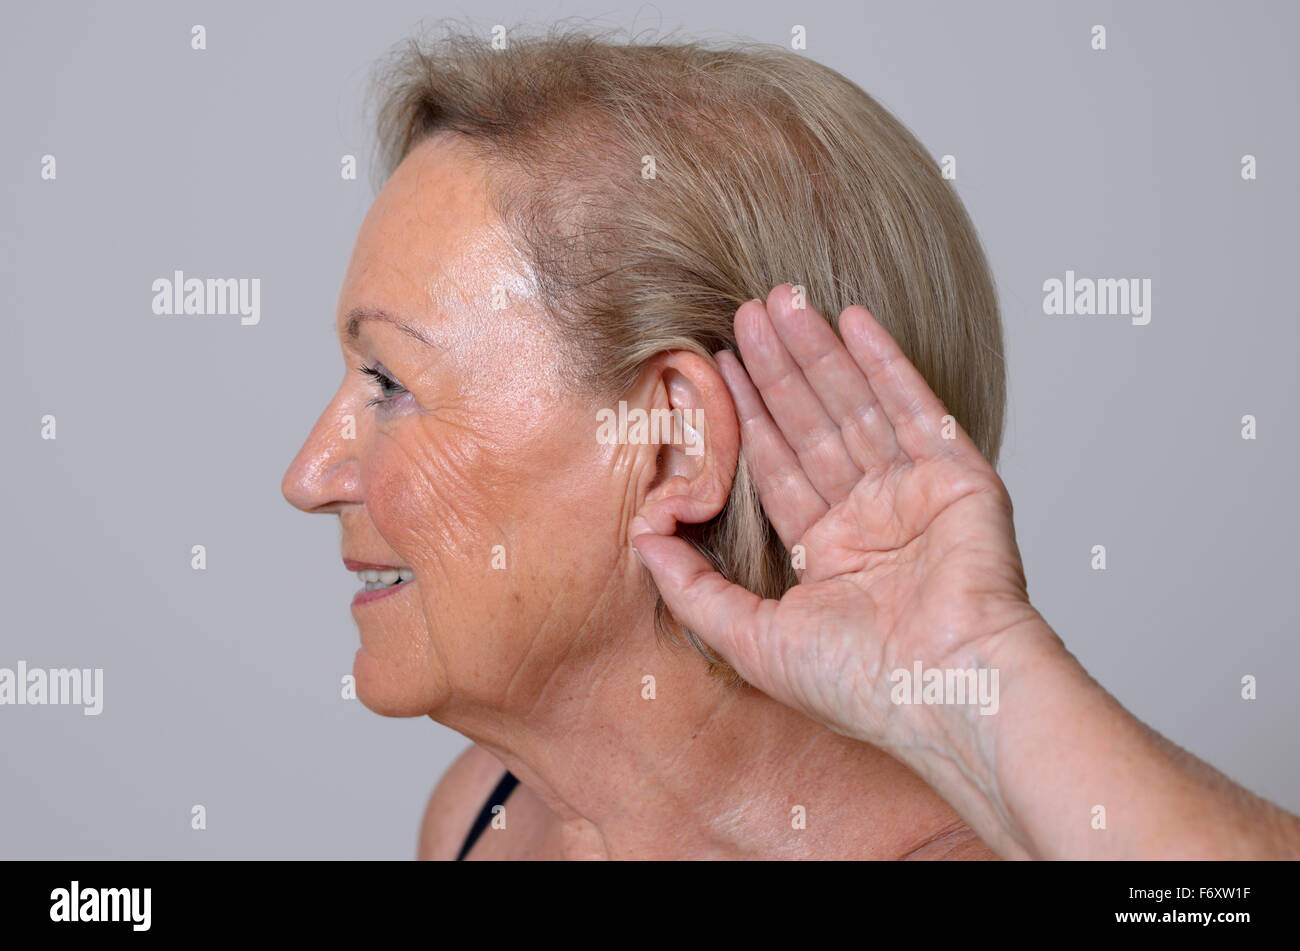 Ältere Dame mit Hörproblemen durch Alterung, hielt ihre Hand zu ihrem Ohr wie sie kämpft, um zu hören, Stockbild